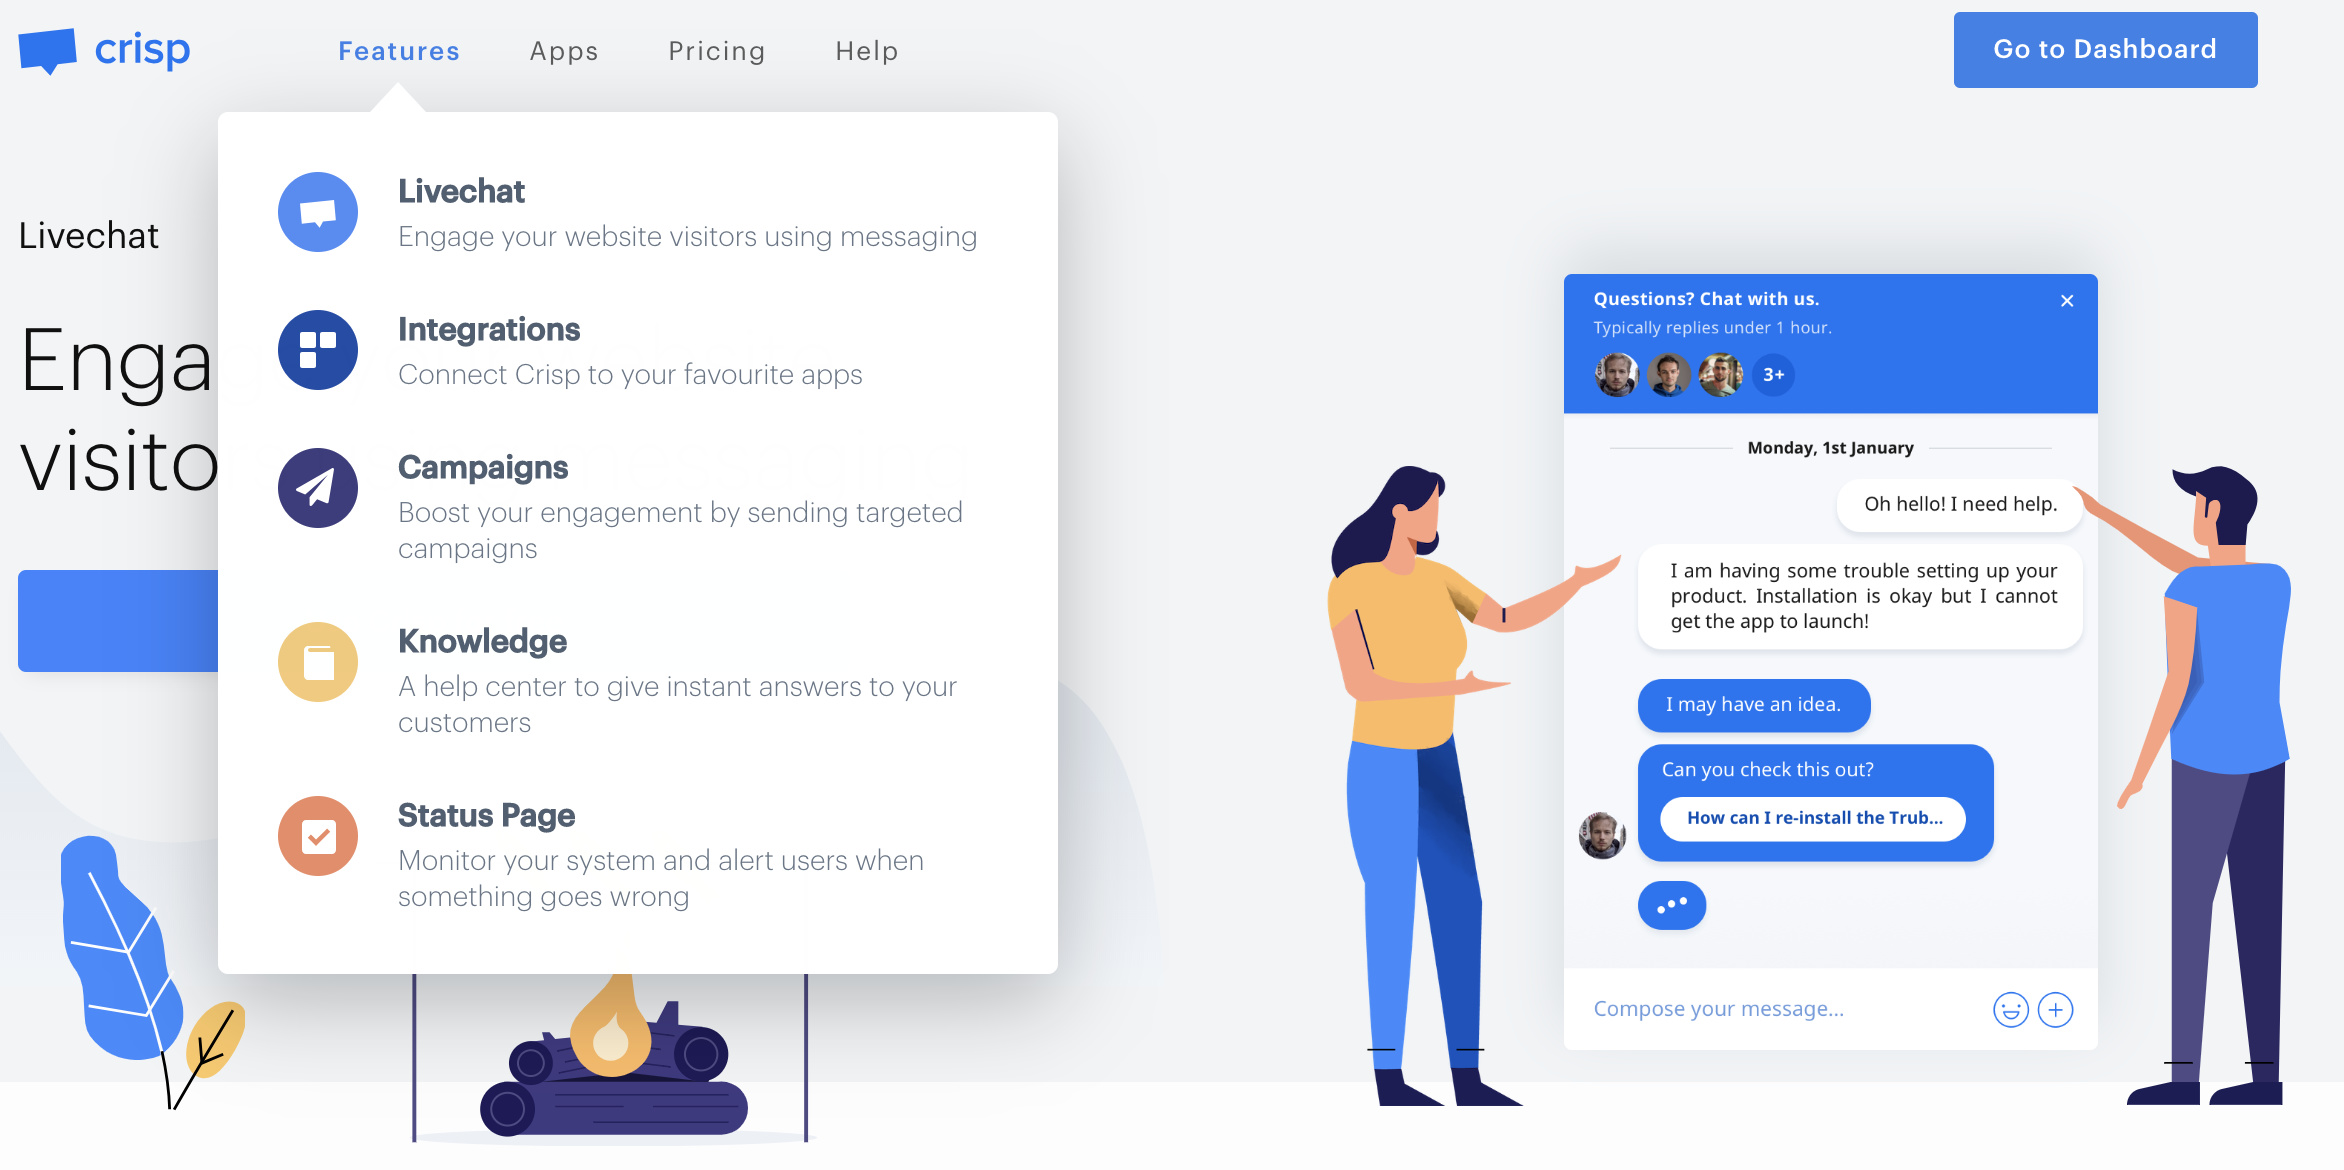 chatbot website platforms - crispchat